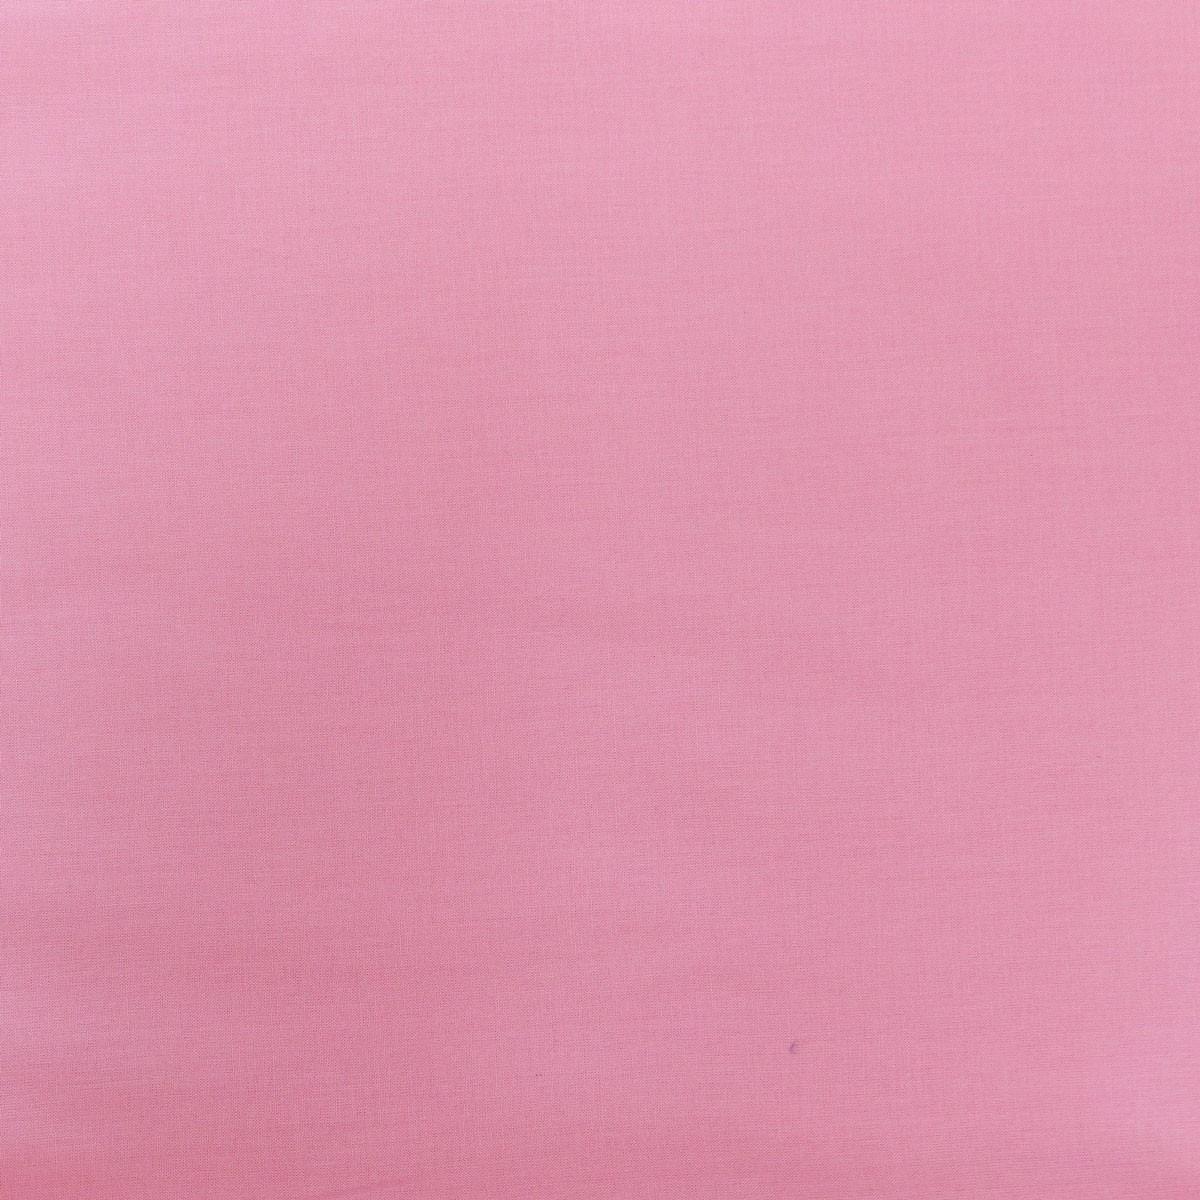 Kreativstoff Baumwollstoff Fahnentuch einfarbig rosa 1,45m Breite